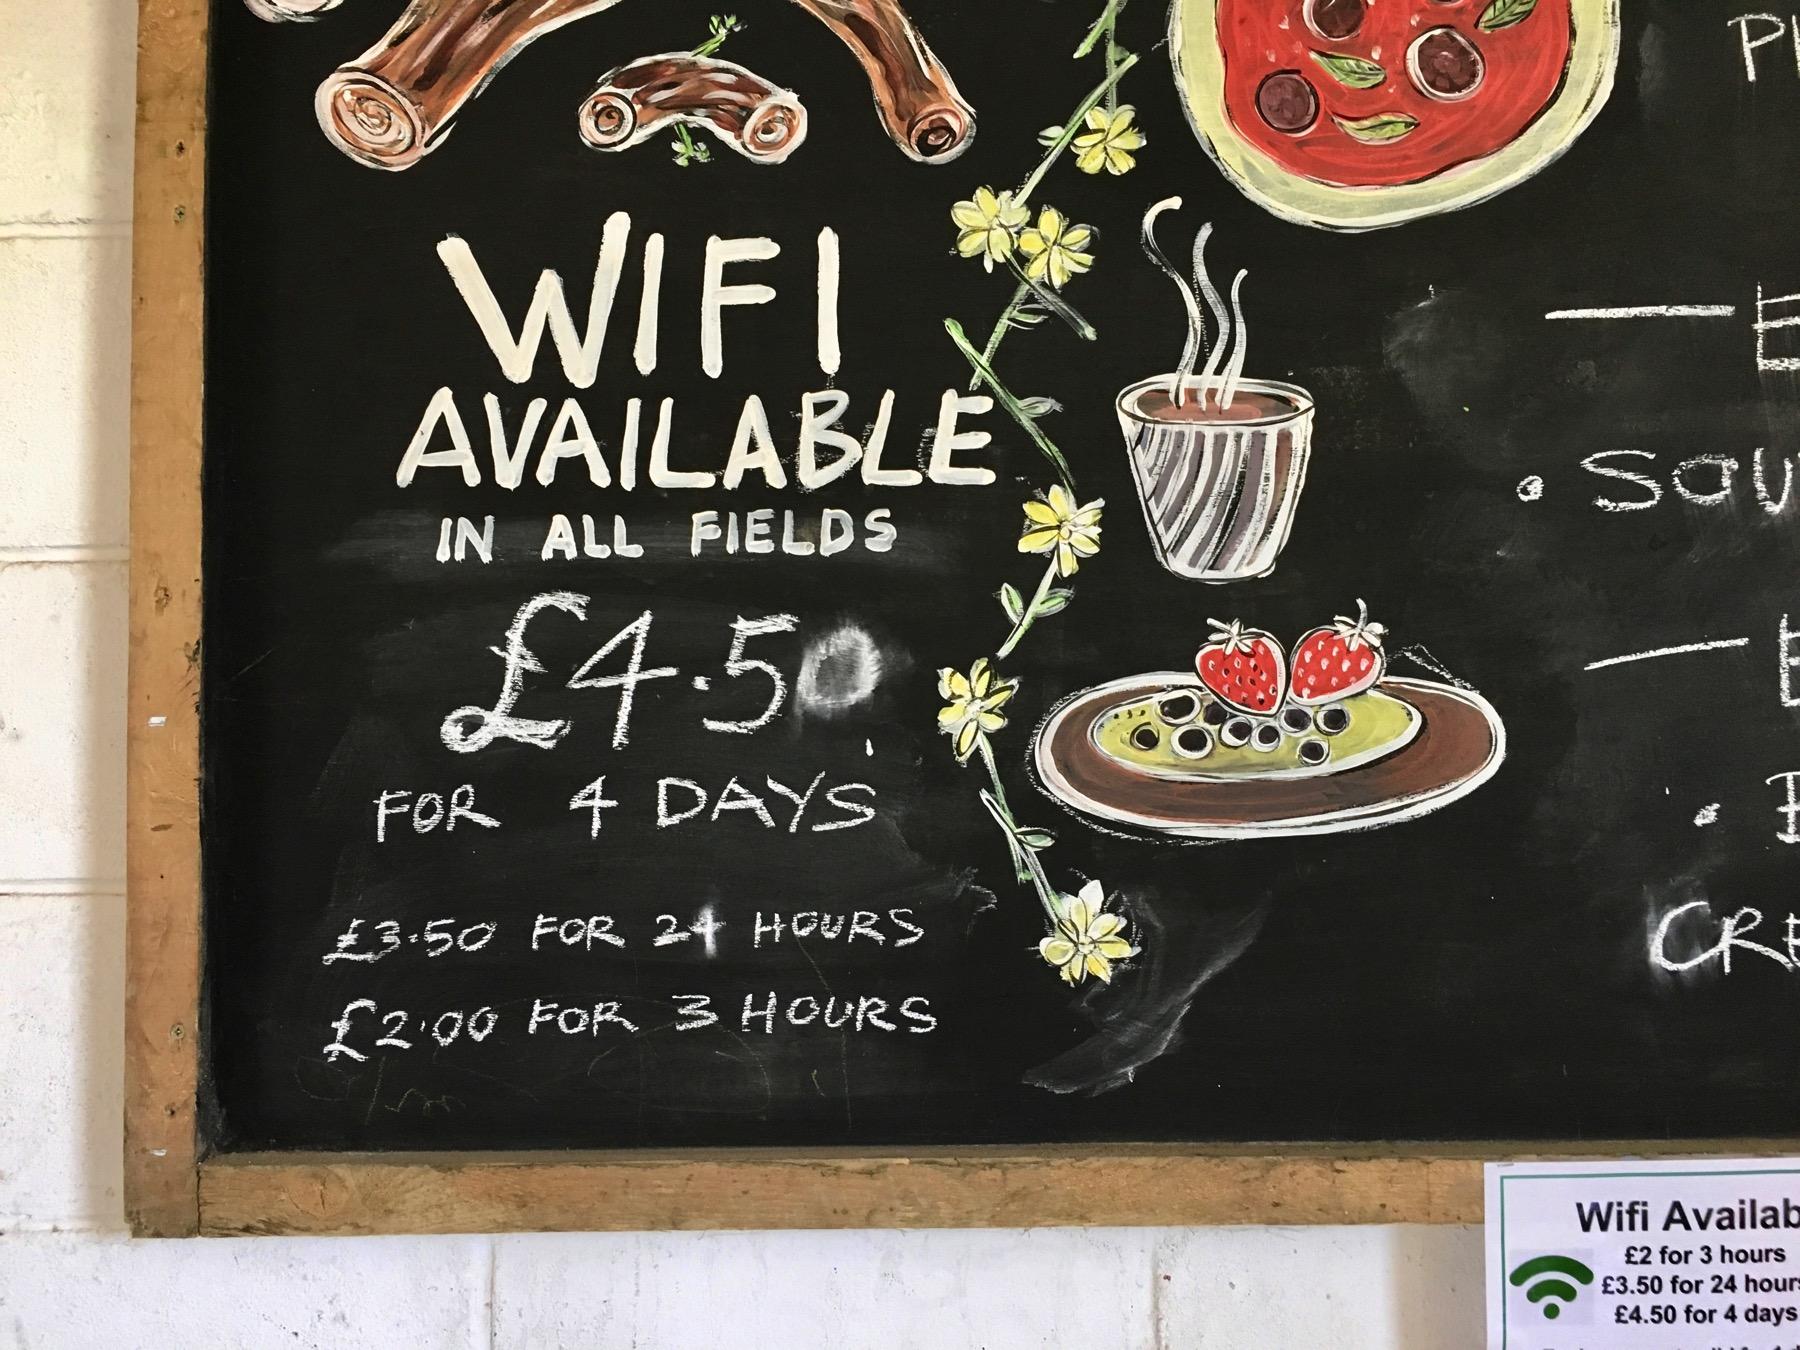 WiFi in all fields